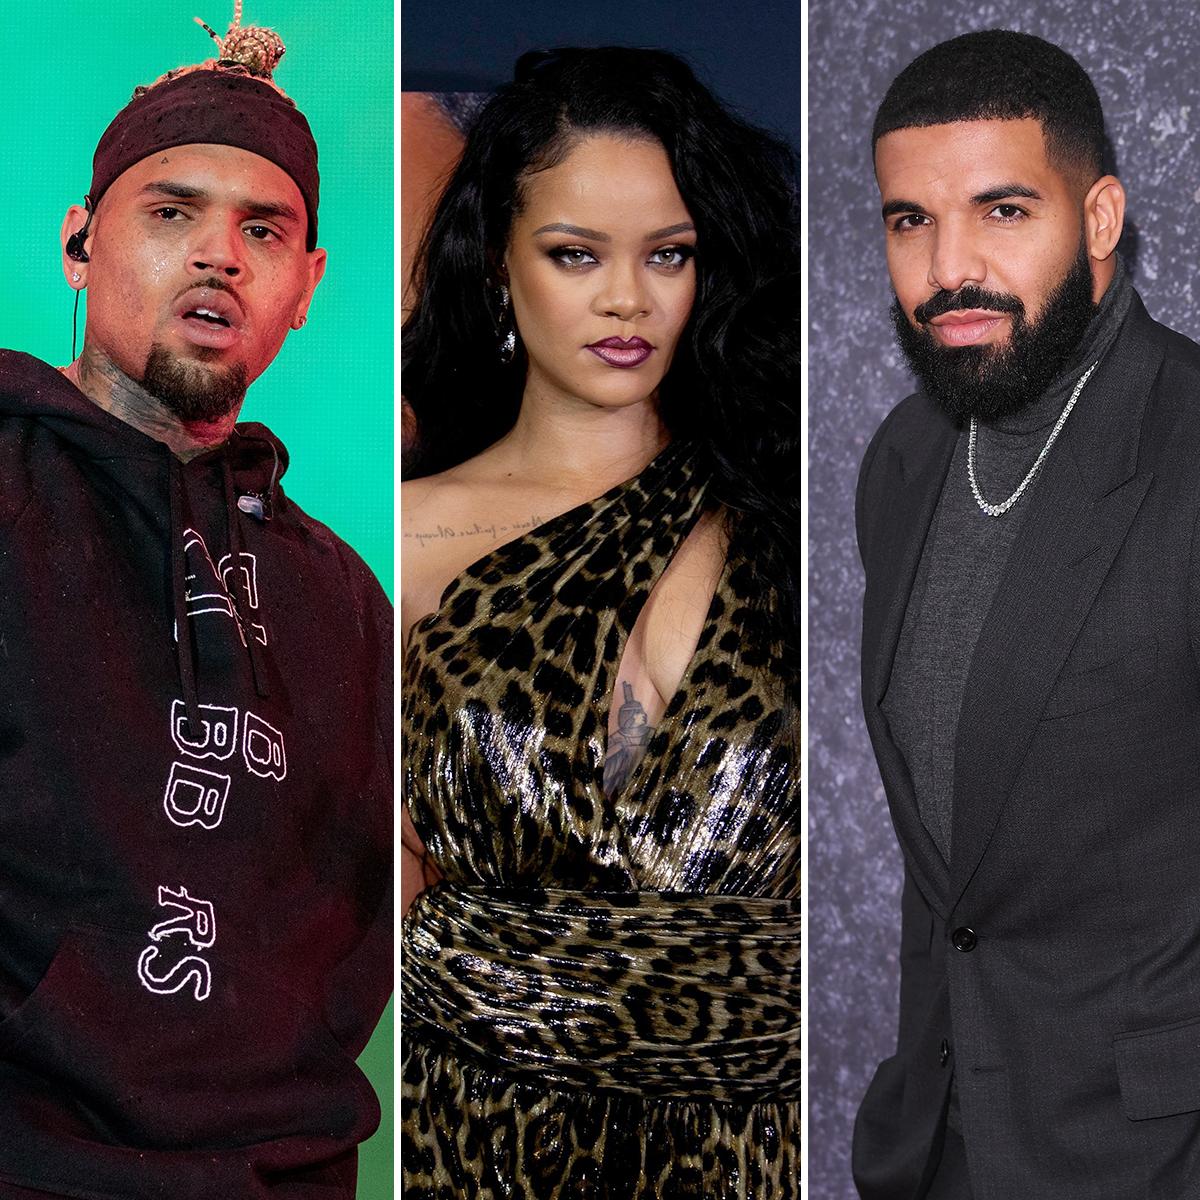 Chris Brown dating tijdlijngekraakte dating Sims